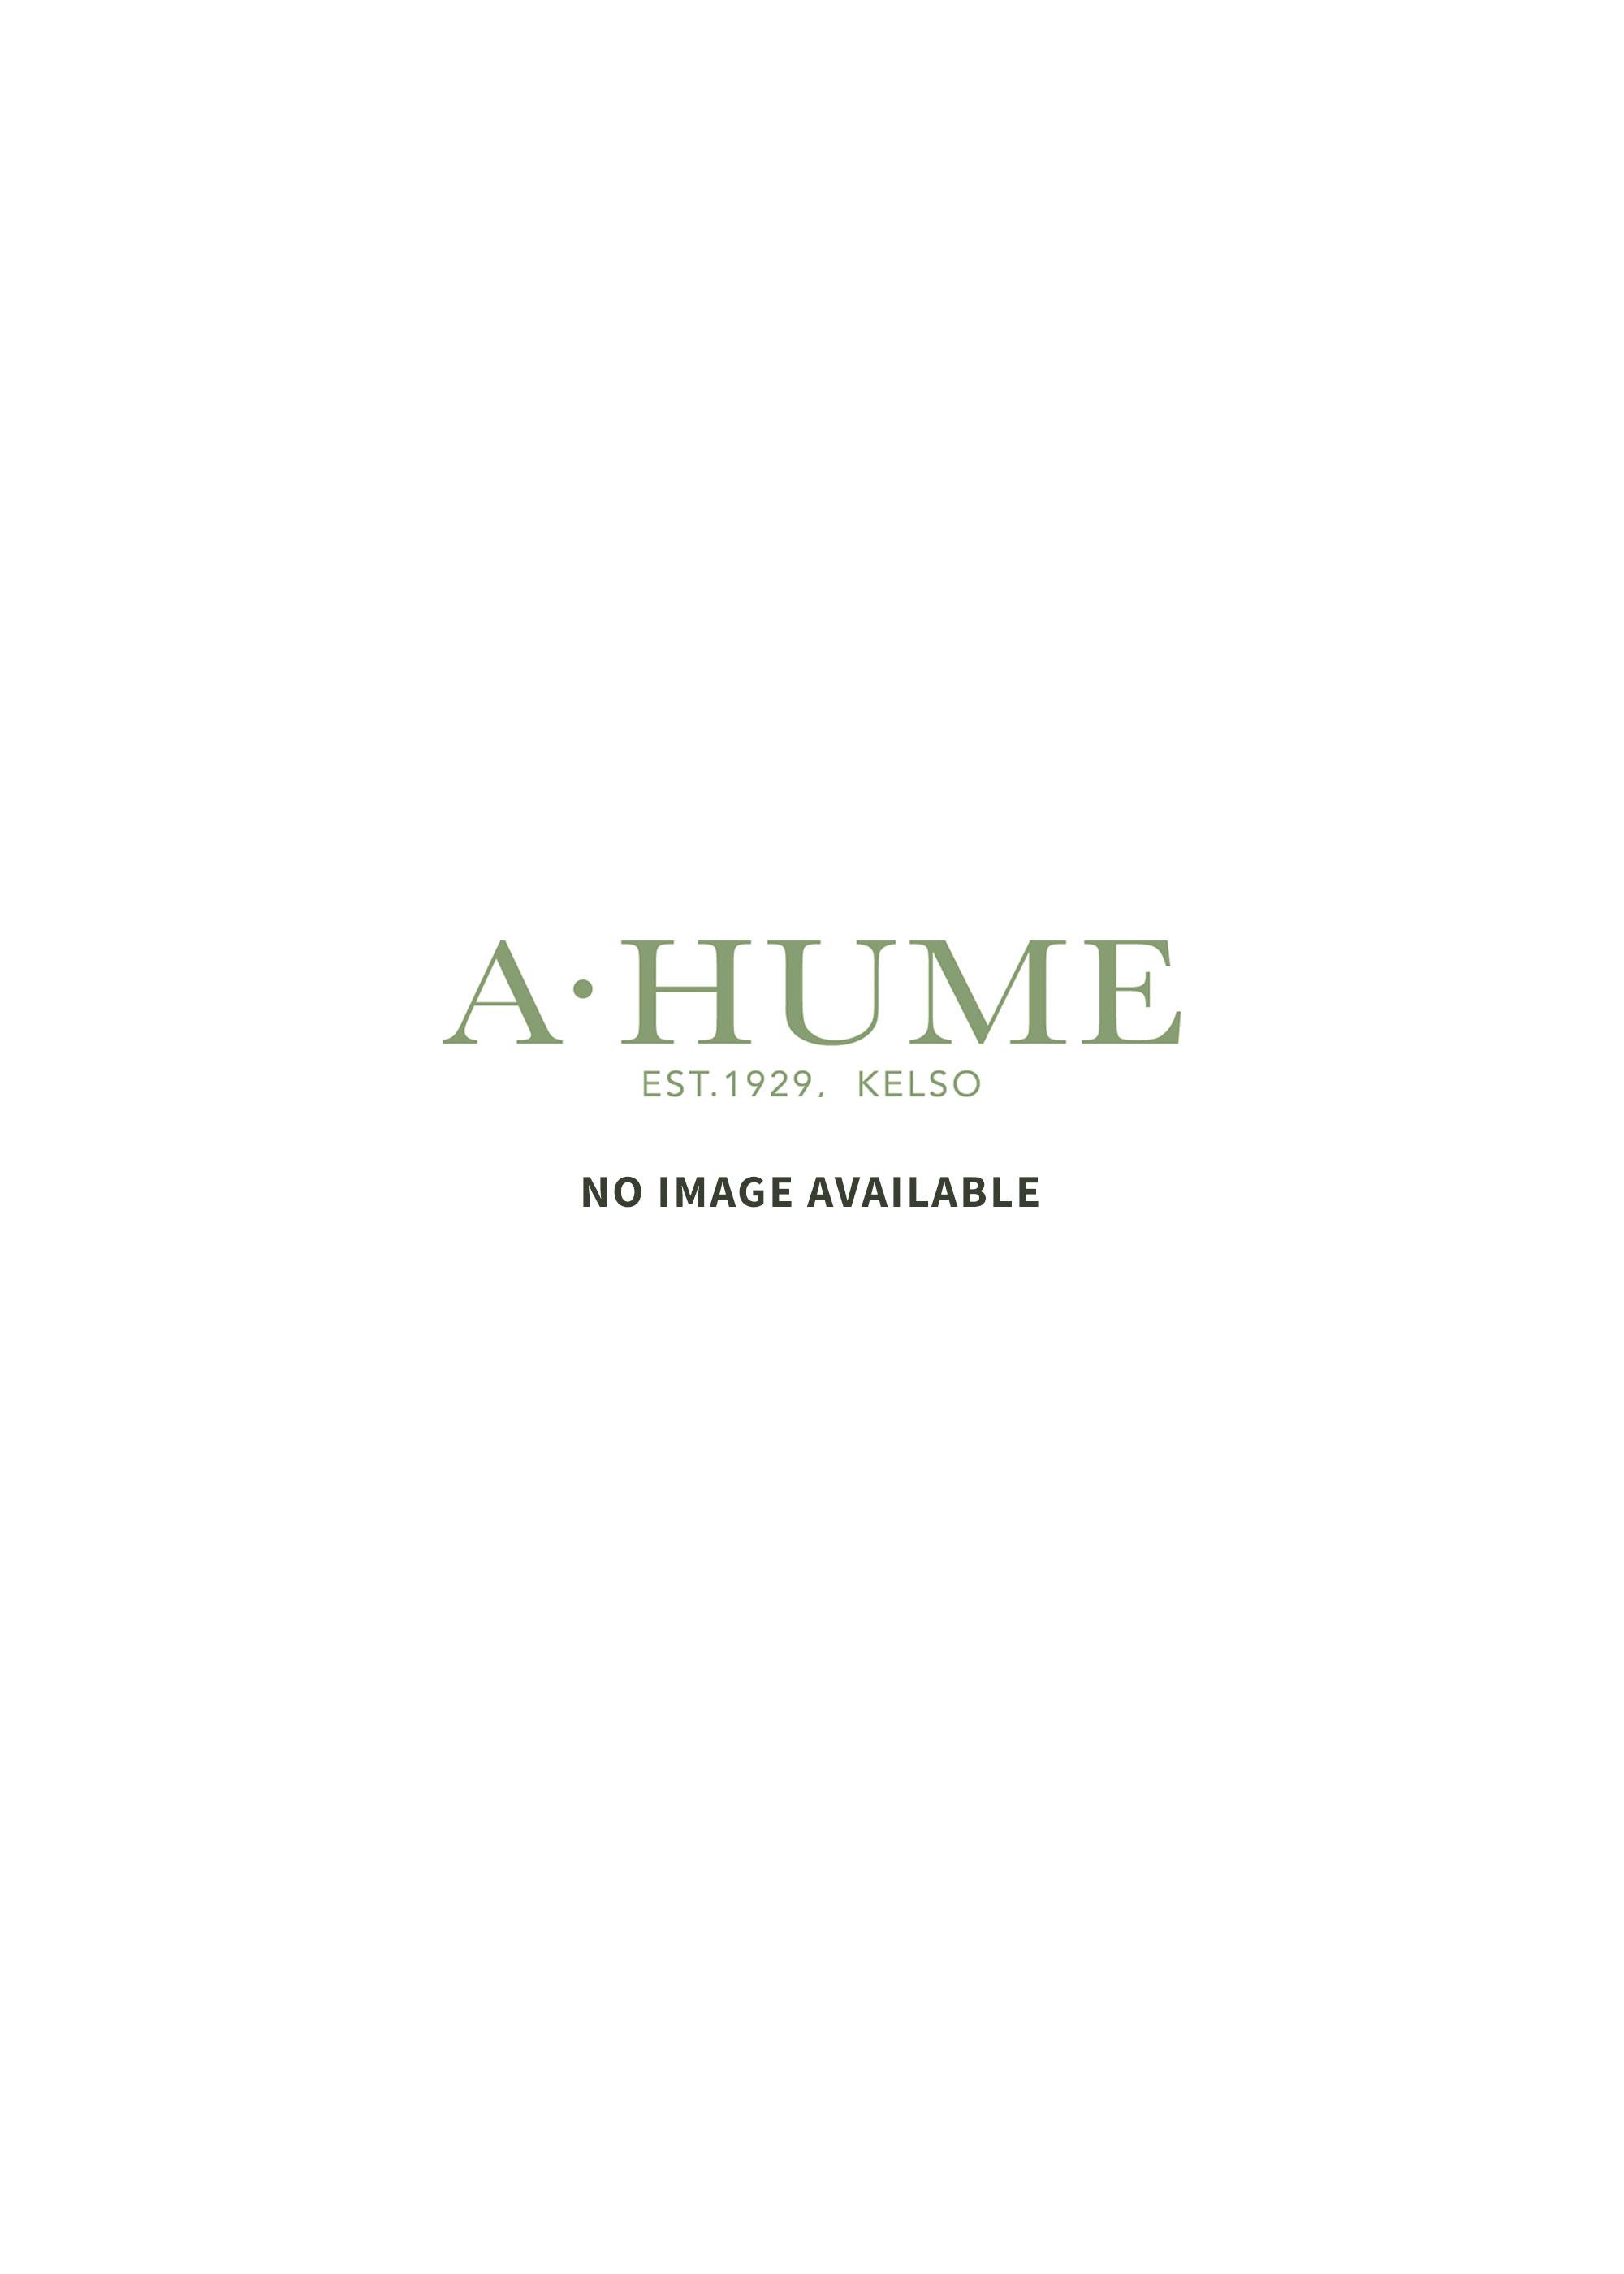 aliexpress suche nach neuestem auf großhandel Brax Natural Kapok Evans Trousers